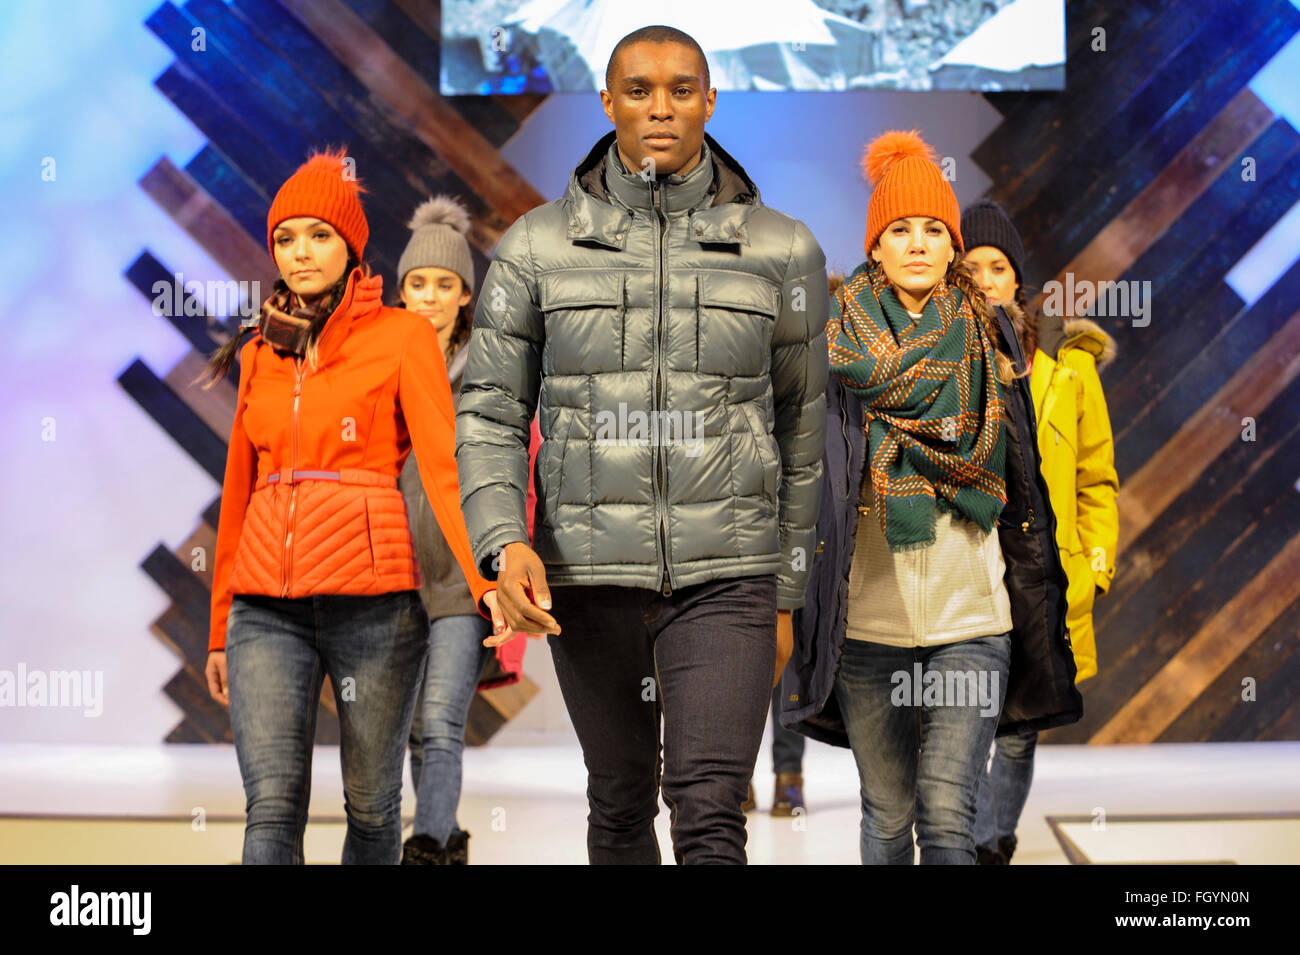 Modelos en la Pasarela de Moda, NEC Birmingham, Reino Unido, 22 de febrero de 2016. Crédito: Antony Ortiga/Alamy Imagen De Stock